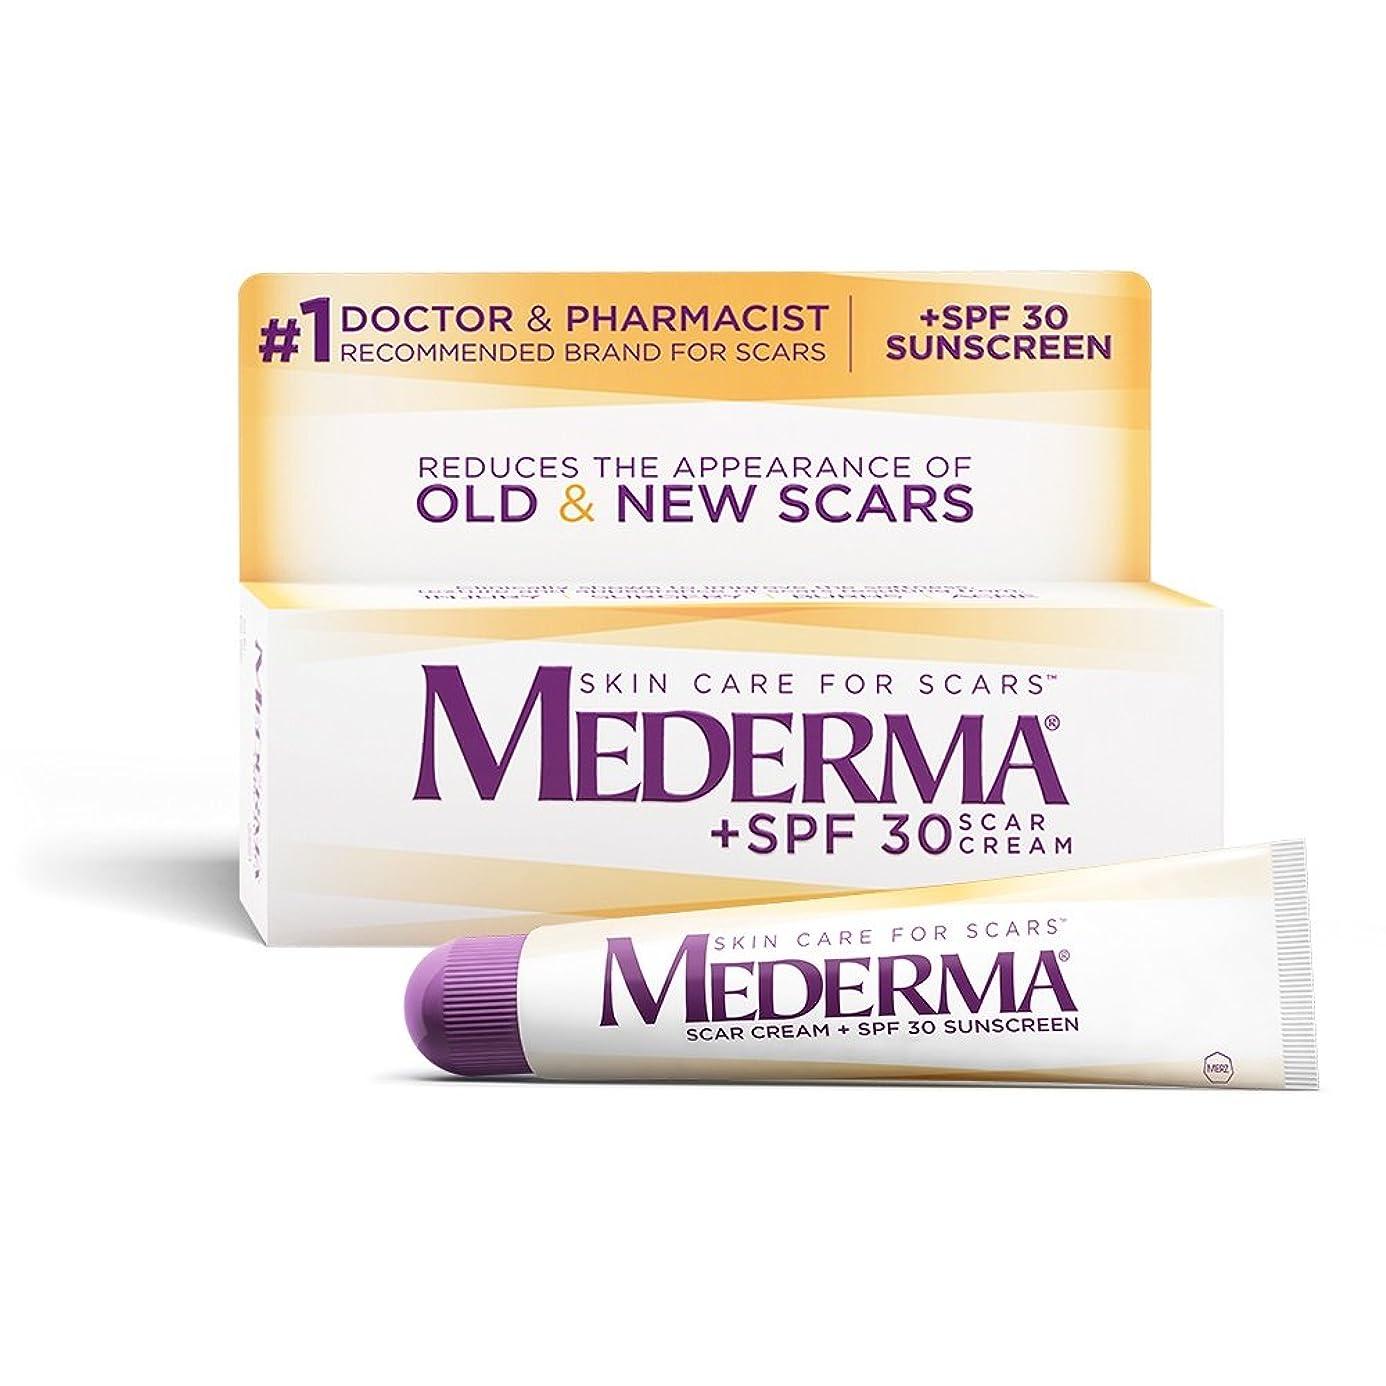 望まない歌手興奮するMederma 社 日焼け止め成分SPF30配合 メドロマ(メデルマ) 1本 20g Mederma Scar Cream Plus SPF 30